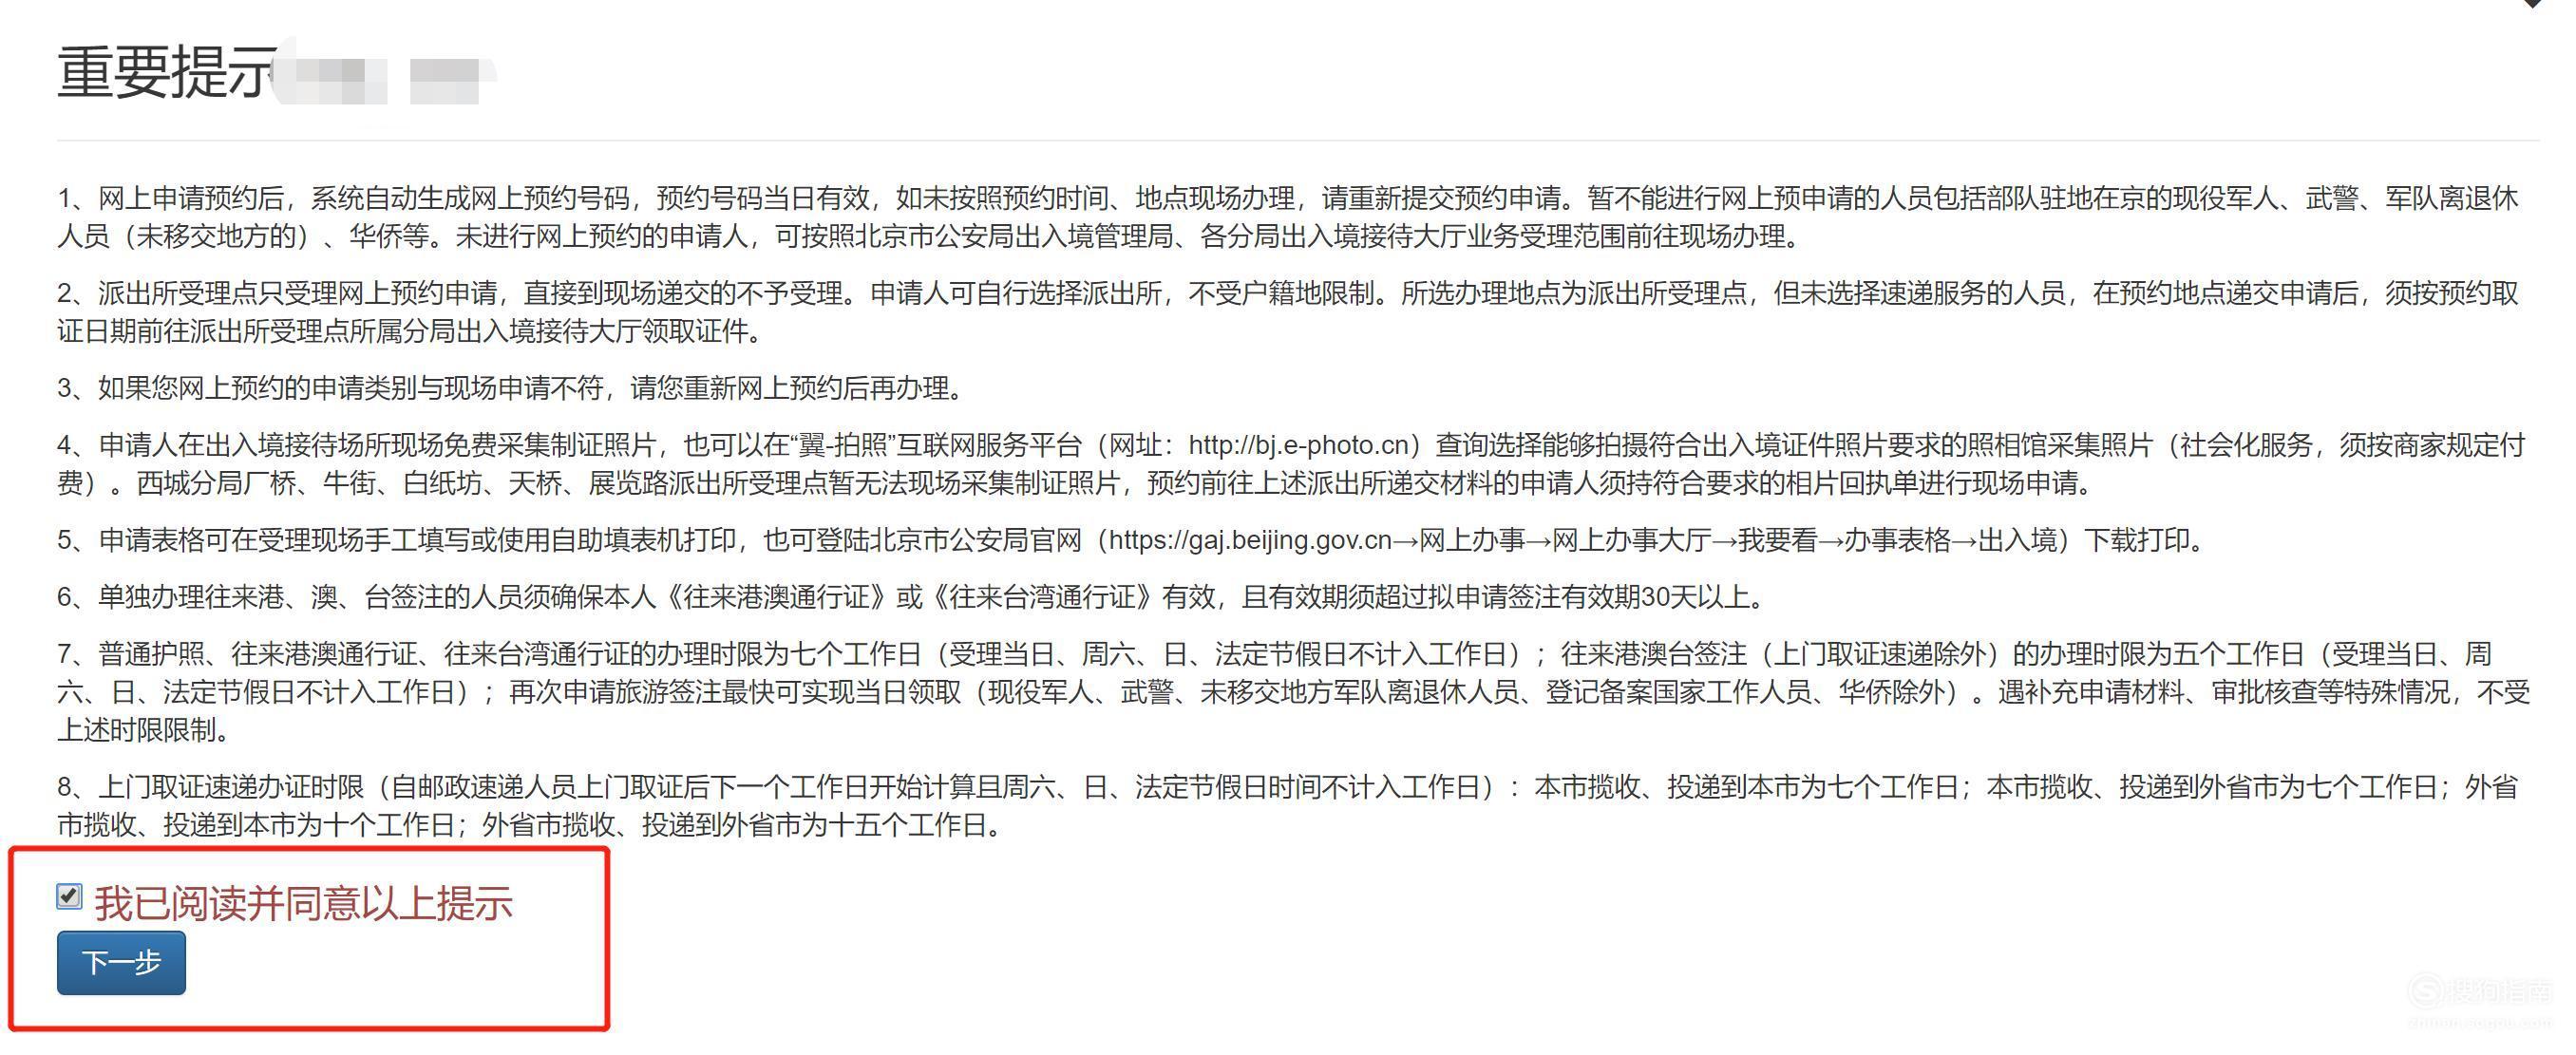 如何办理台湾通行证